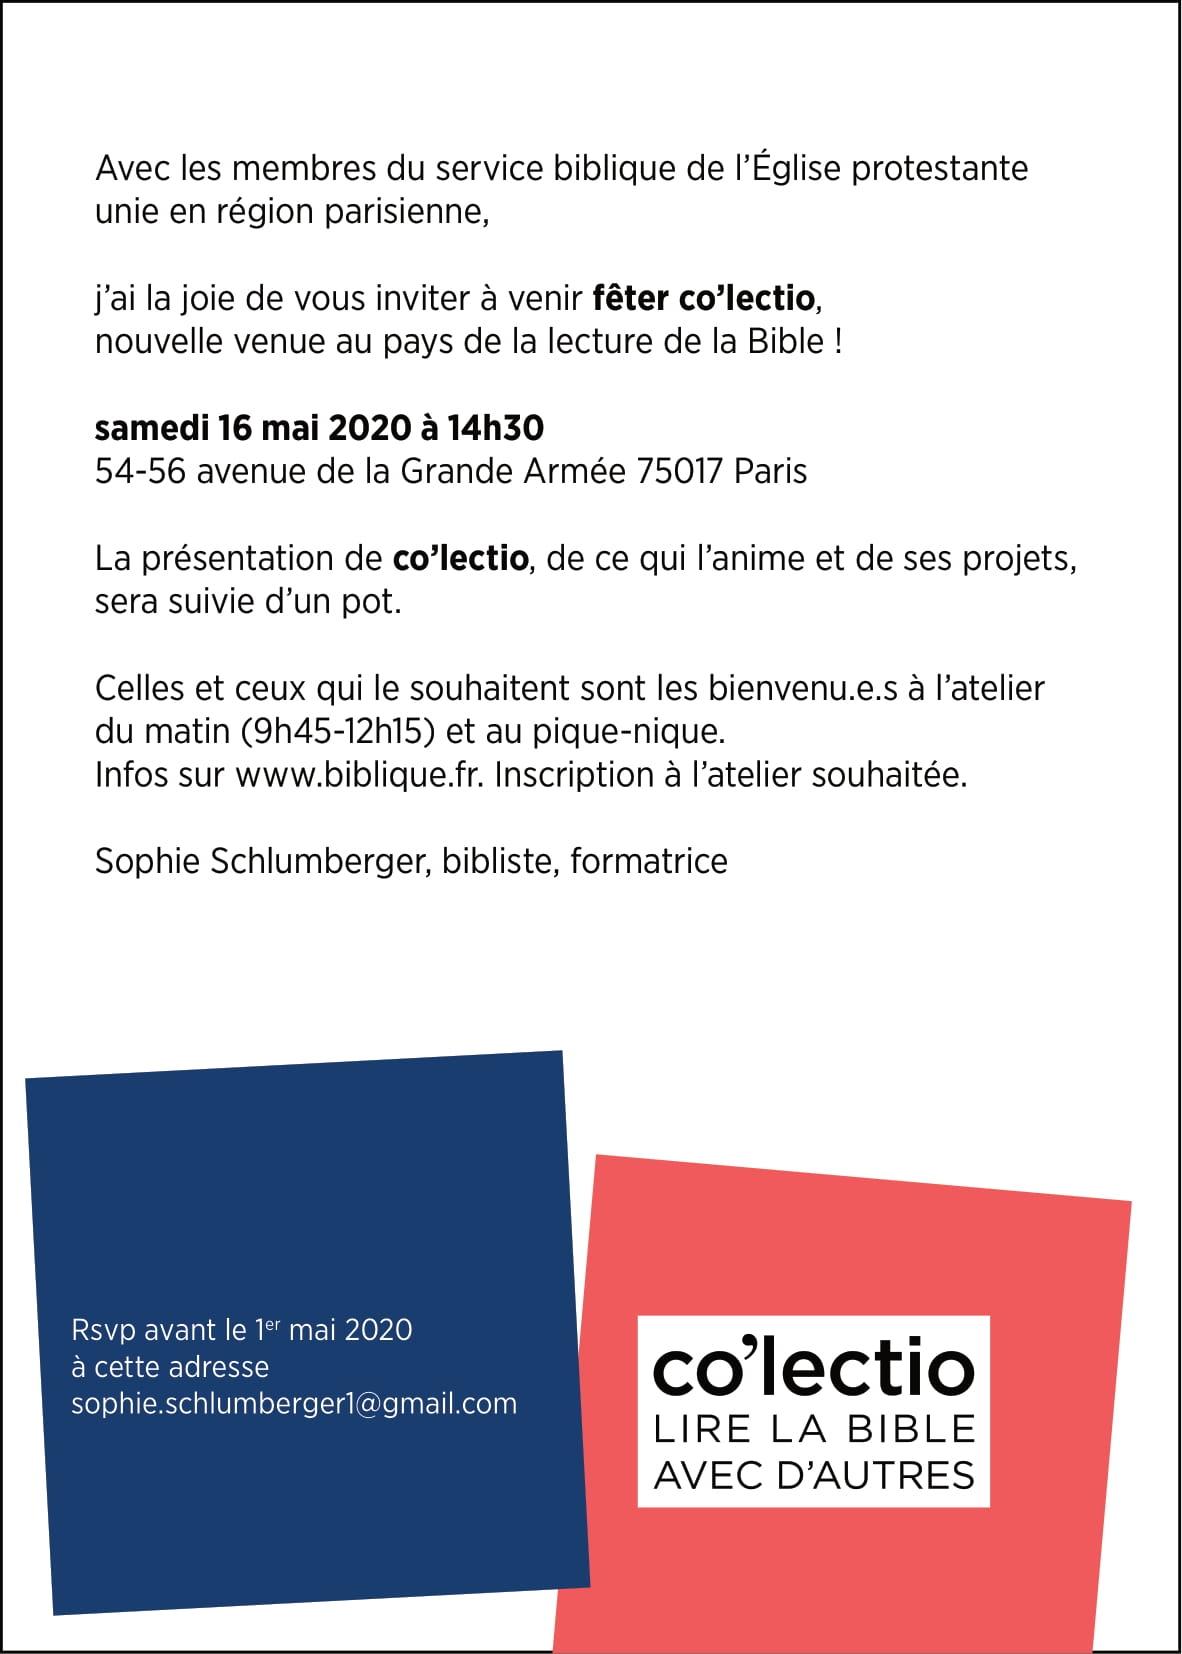 co'lectio INVITATION 16 MAI 2020-2.jpg